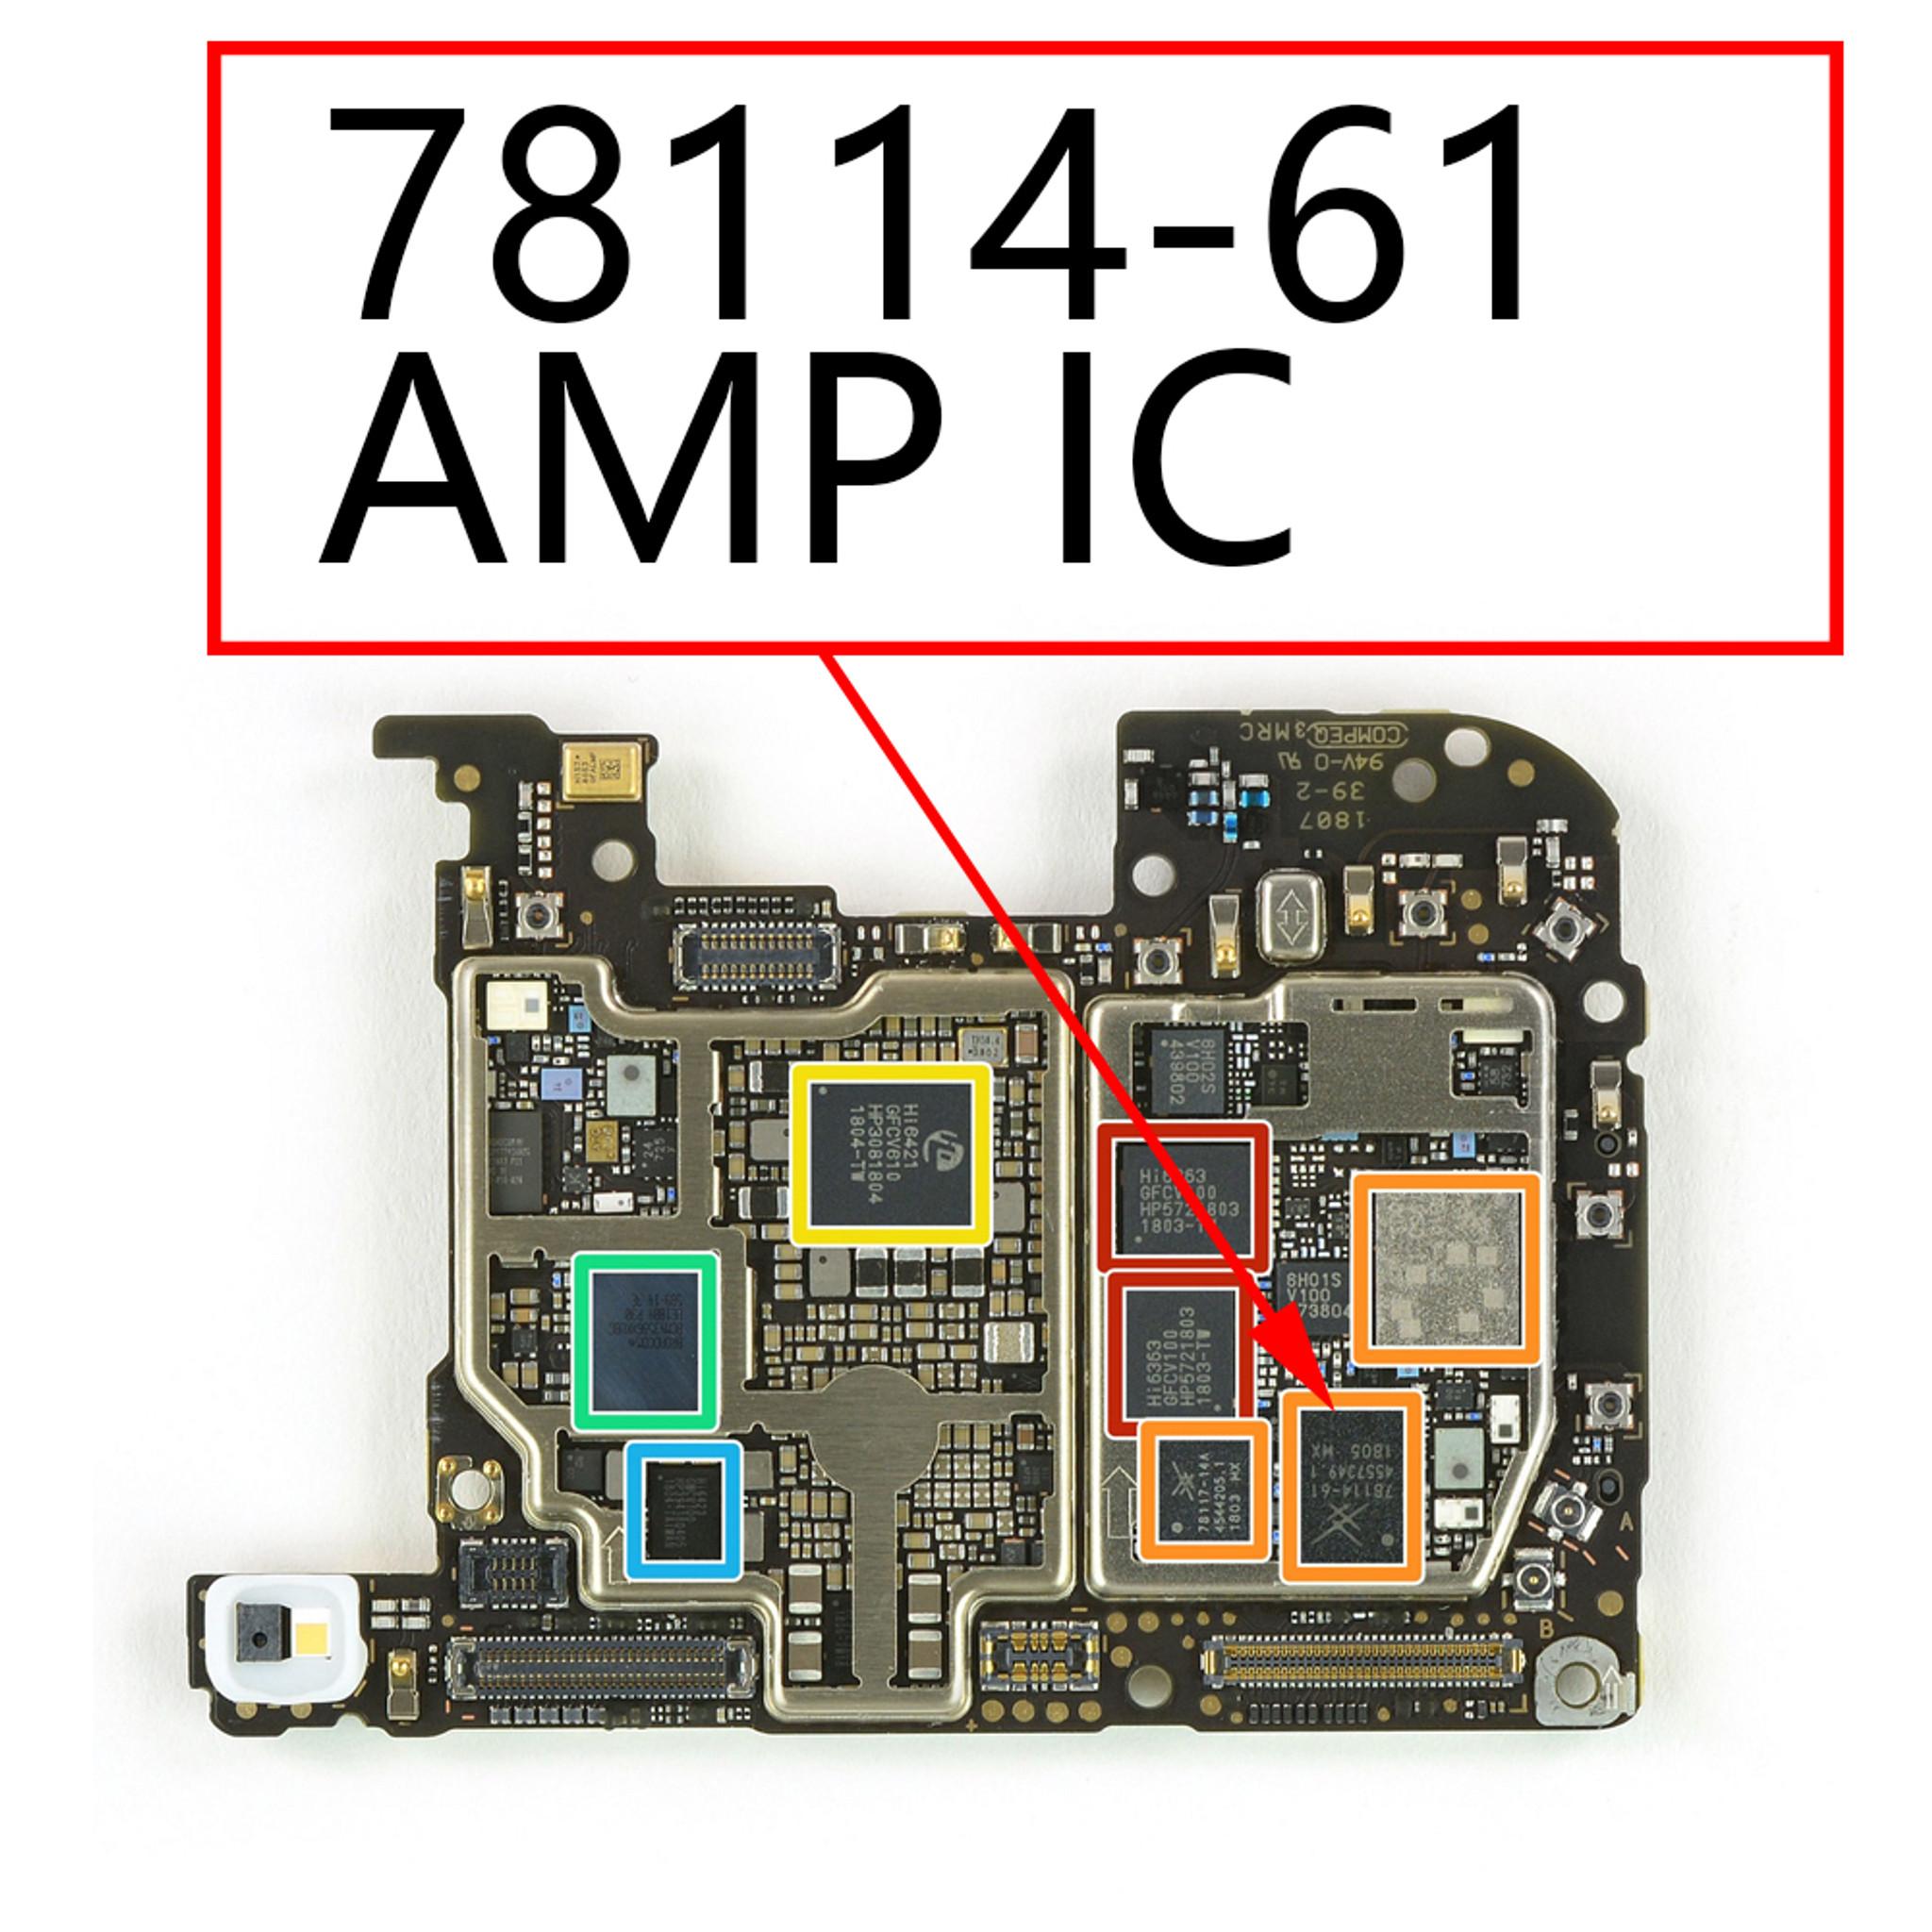 Huawei P20 Pro AMP IC 78114-61